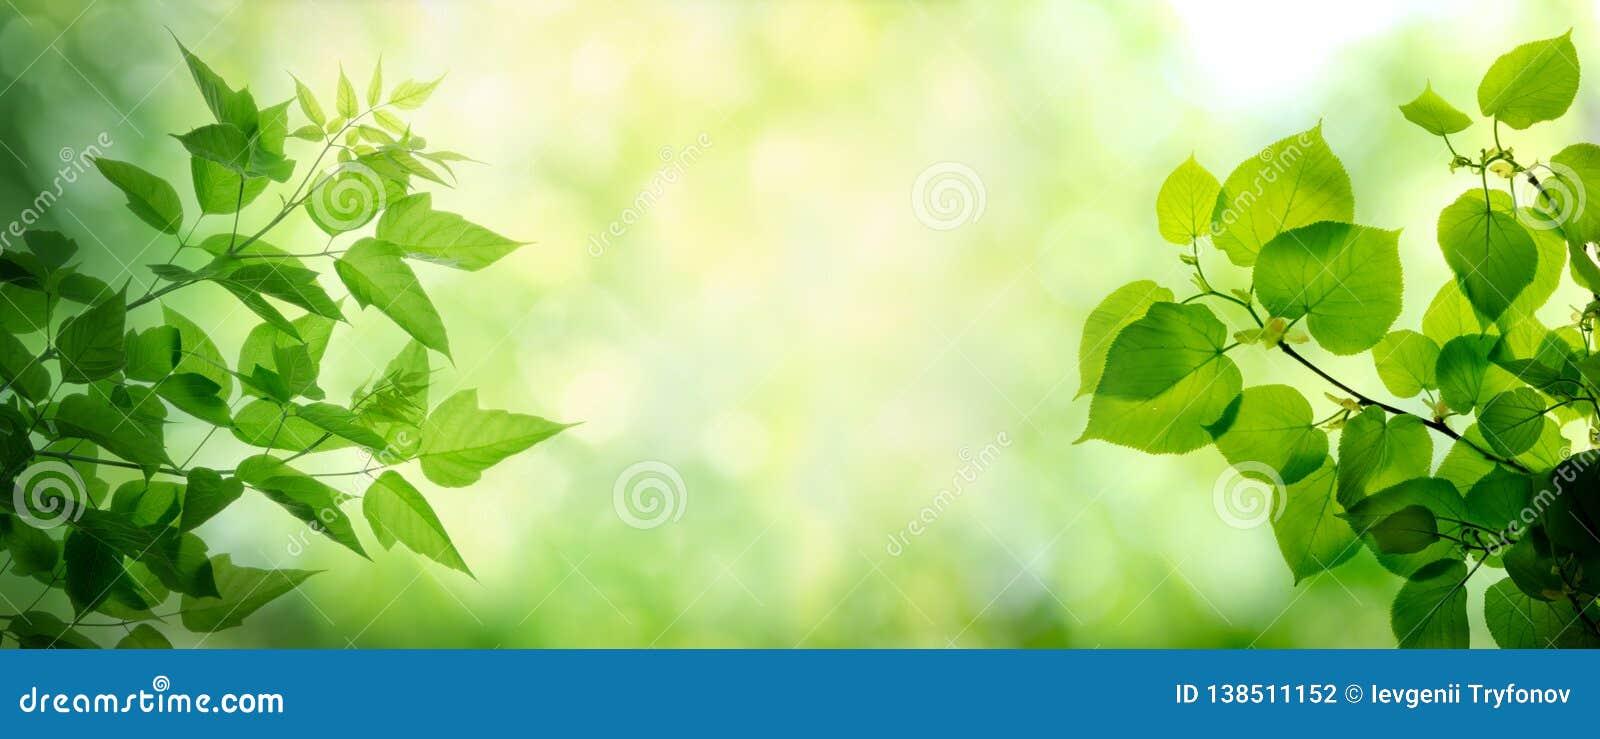 Молодые листья на ветвях клена и липы Весна и предпосылка лета